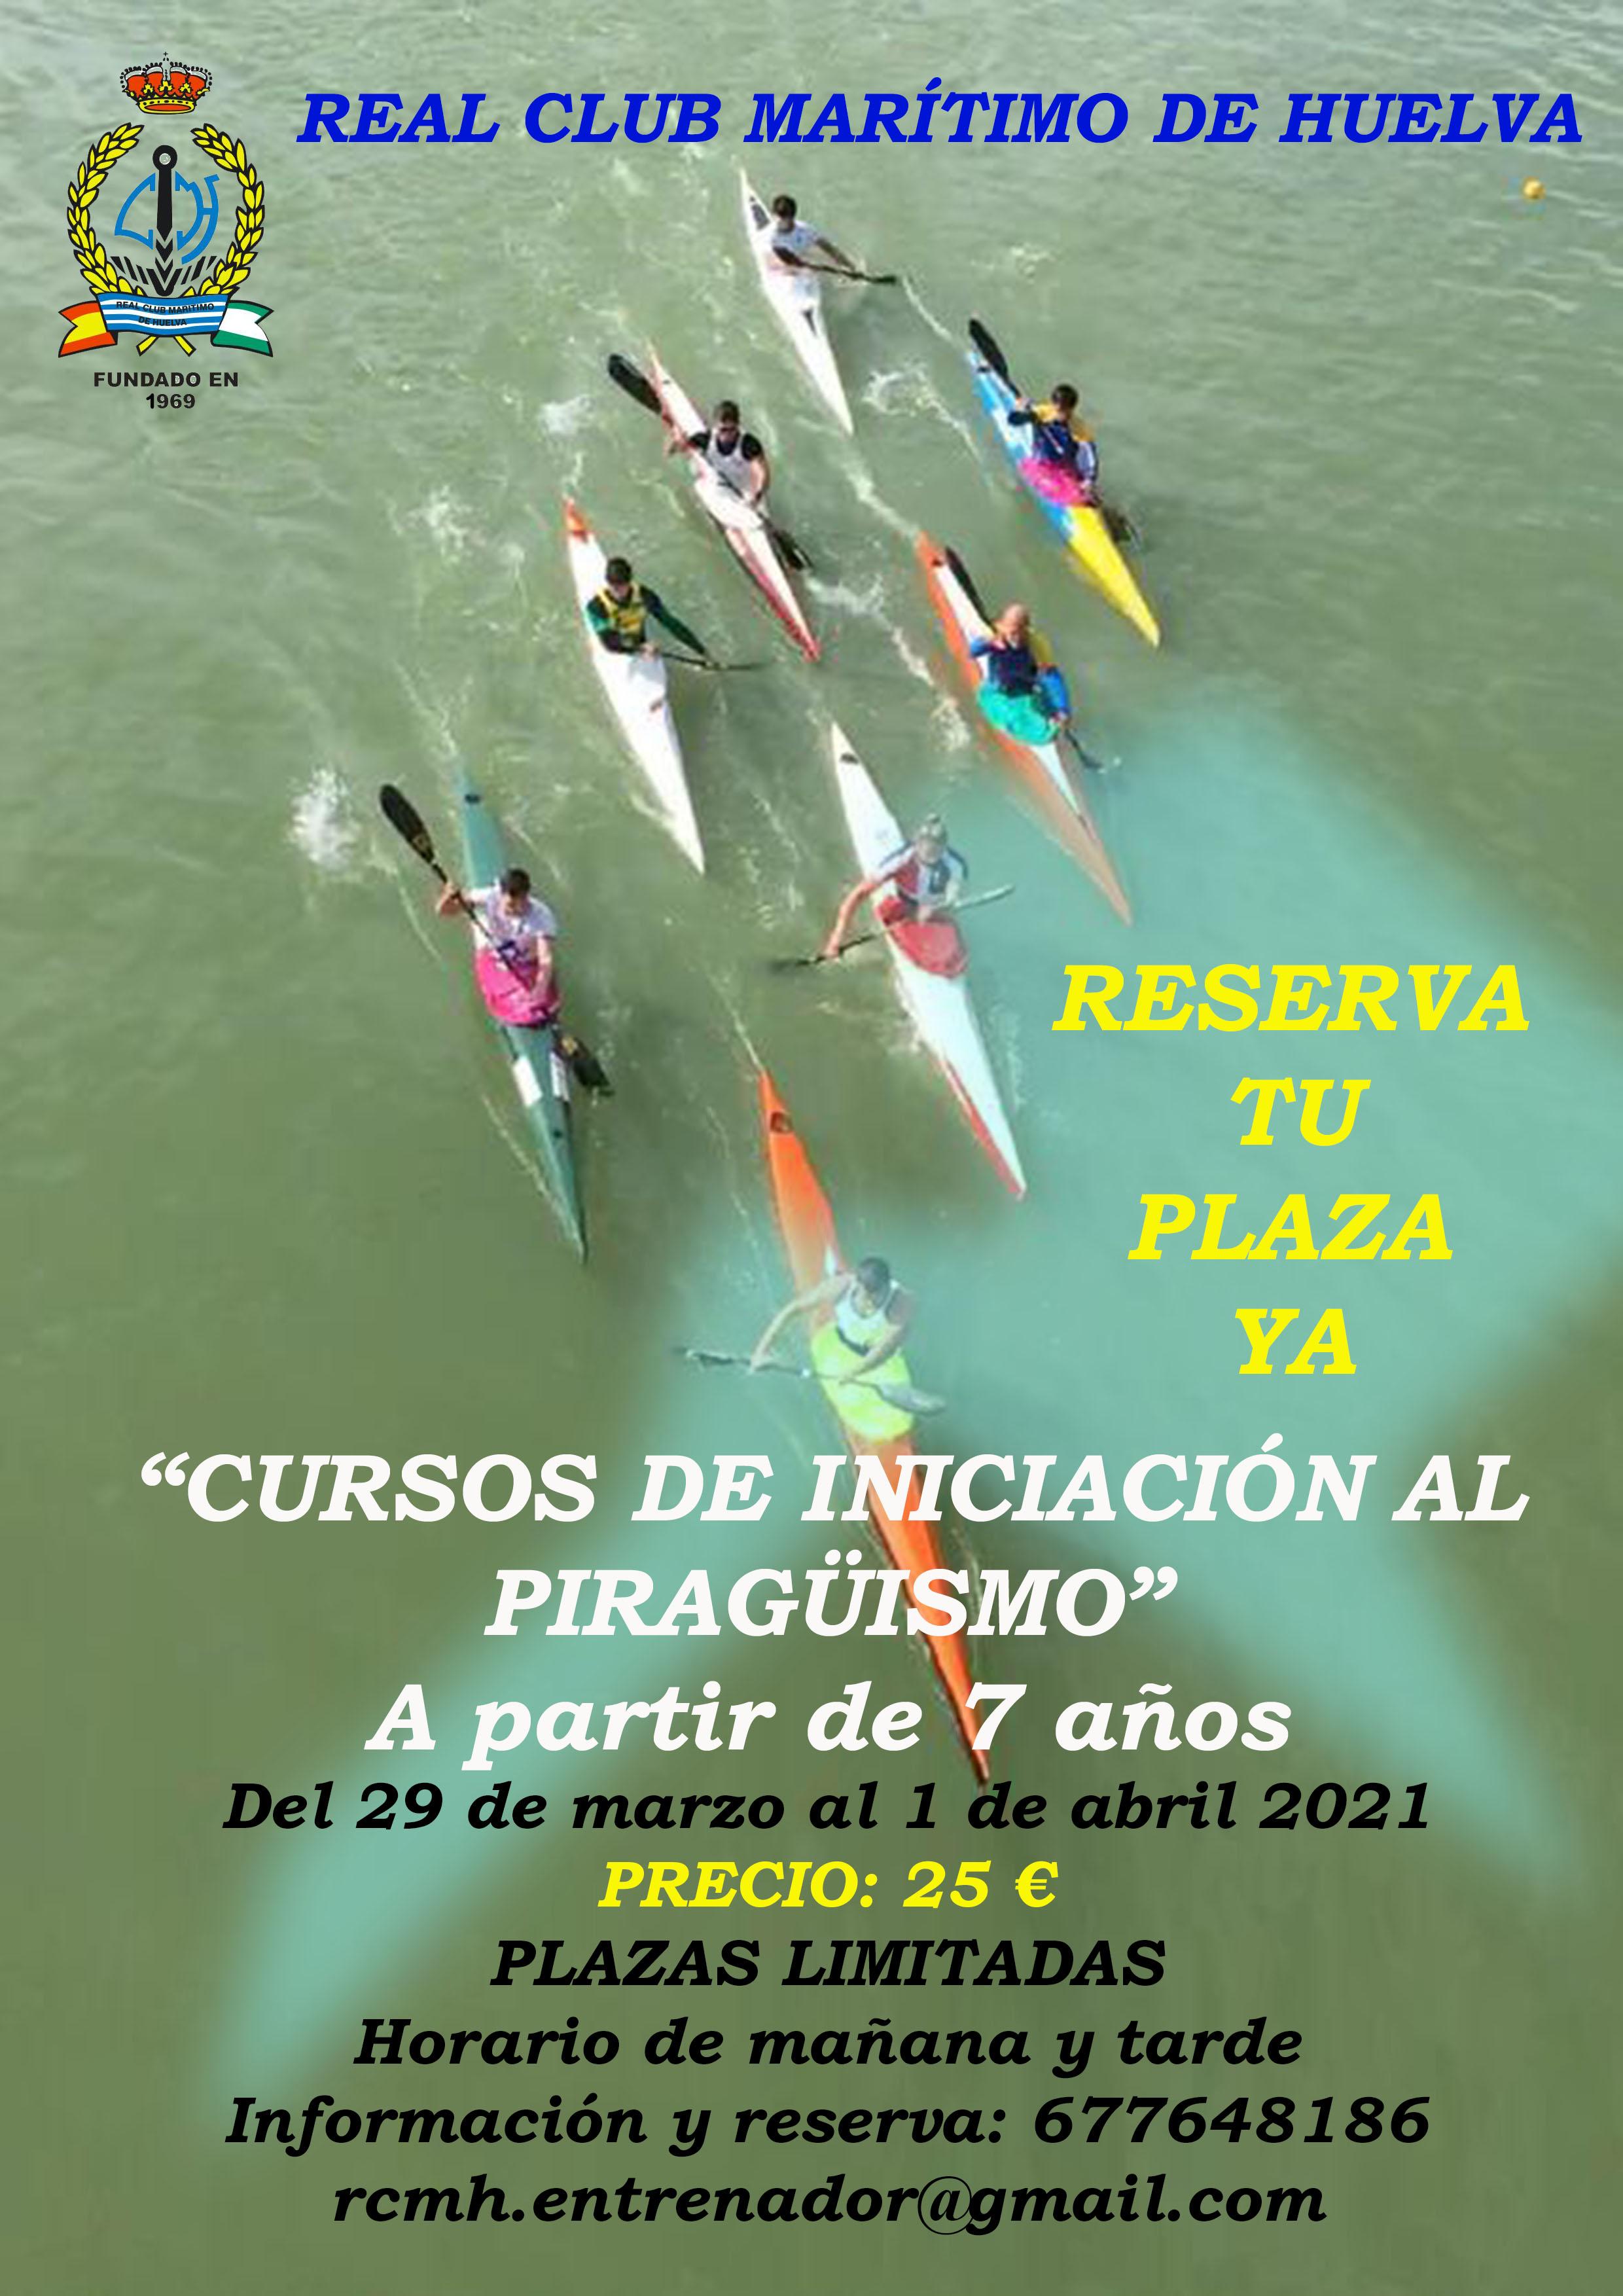 Cursos iniciación al piragüismo 2021